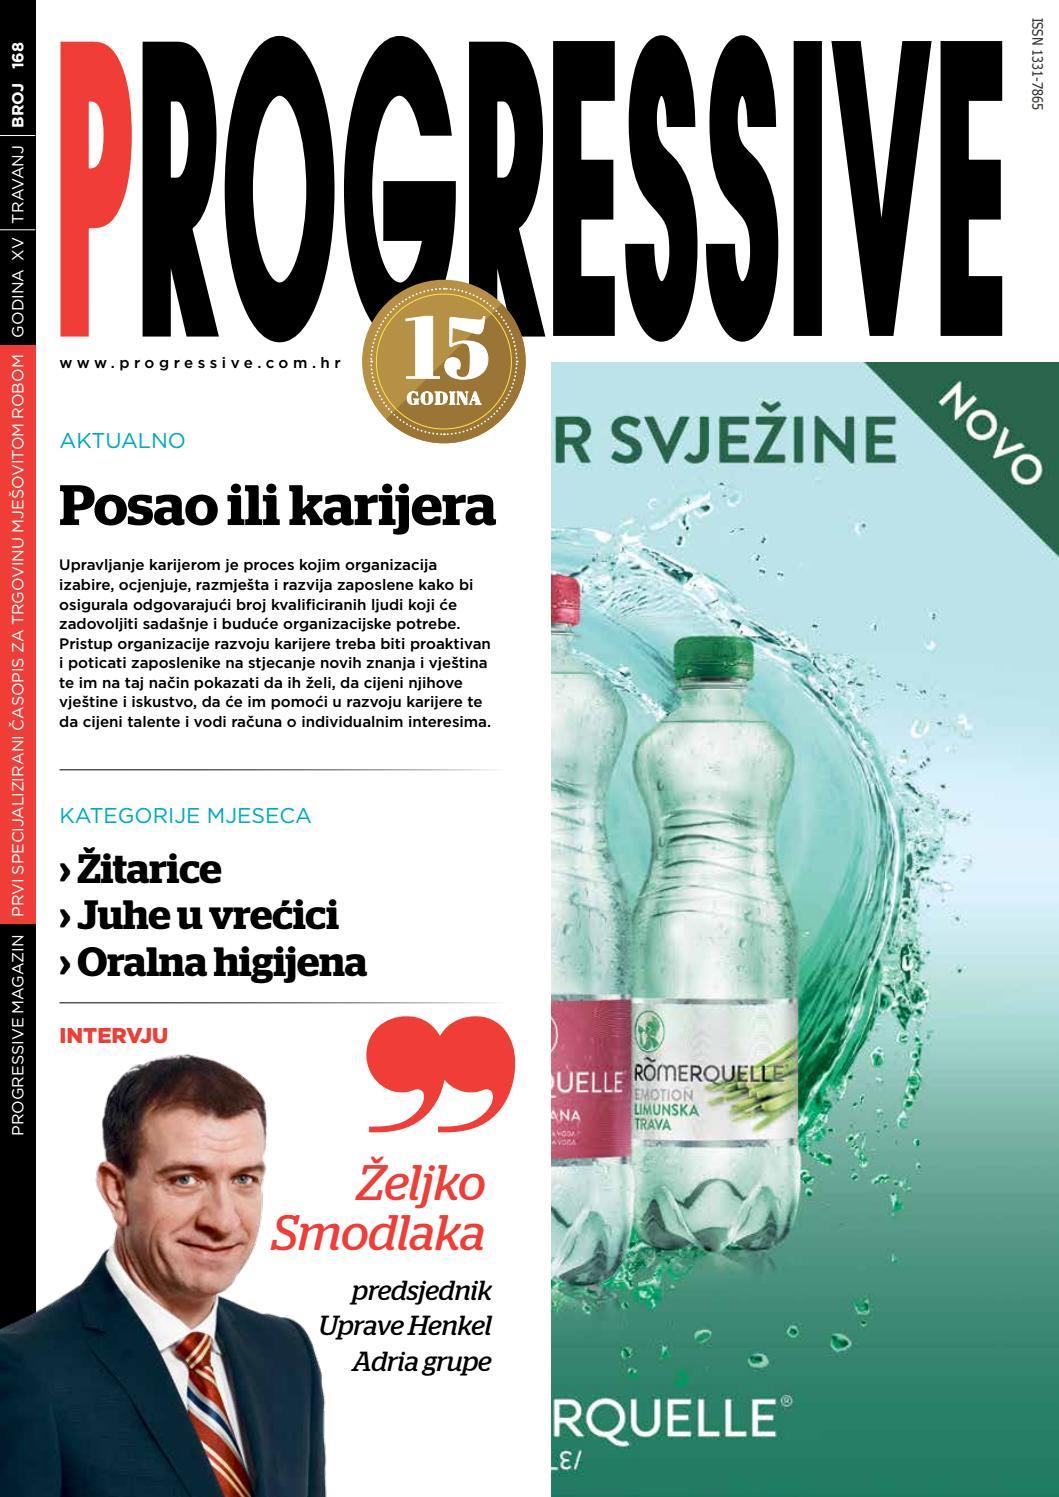 jugoslavenska web mjesta za upoznavanja